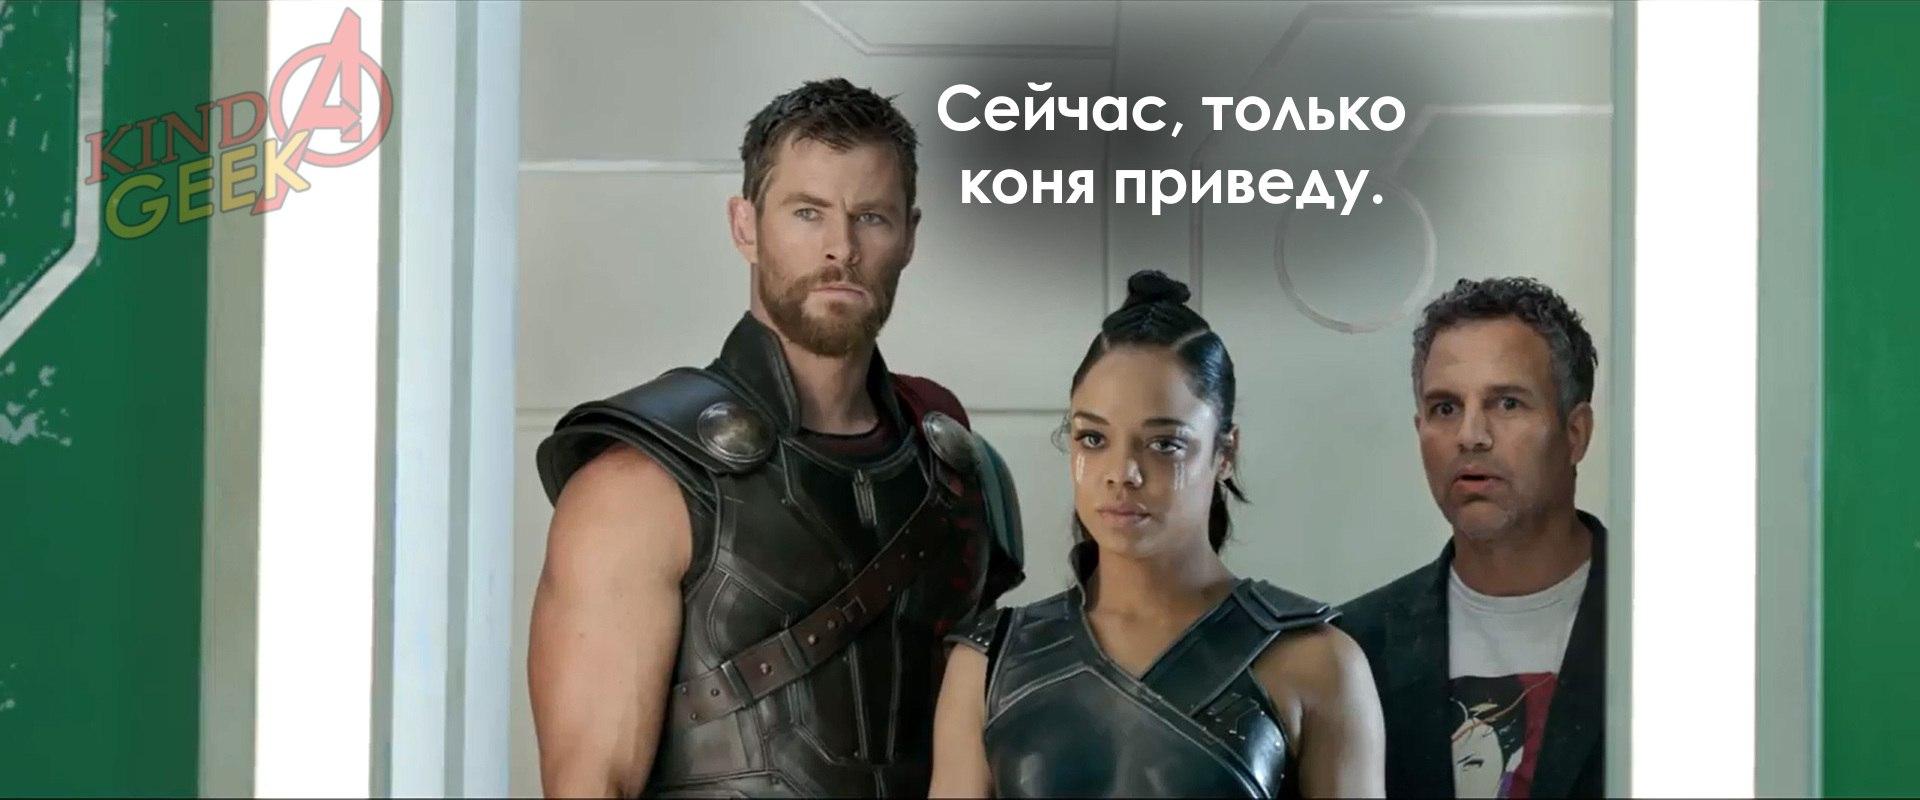 Порно фильм с русским переводом место втыка изменить нельзя без регистрации бесплатно